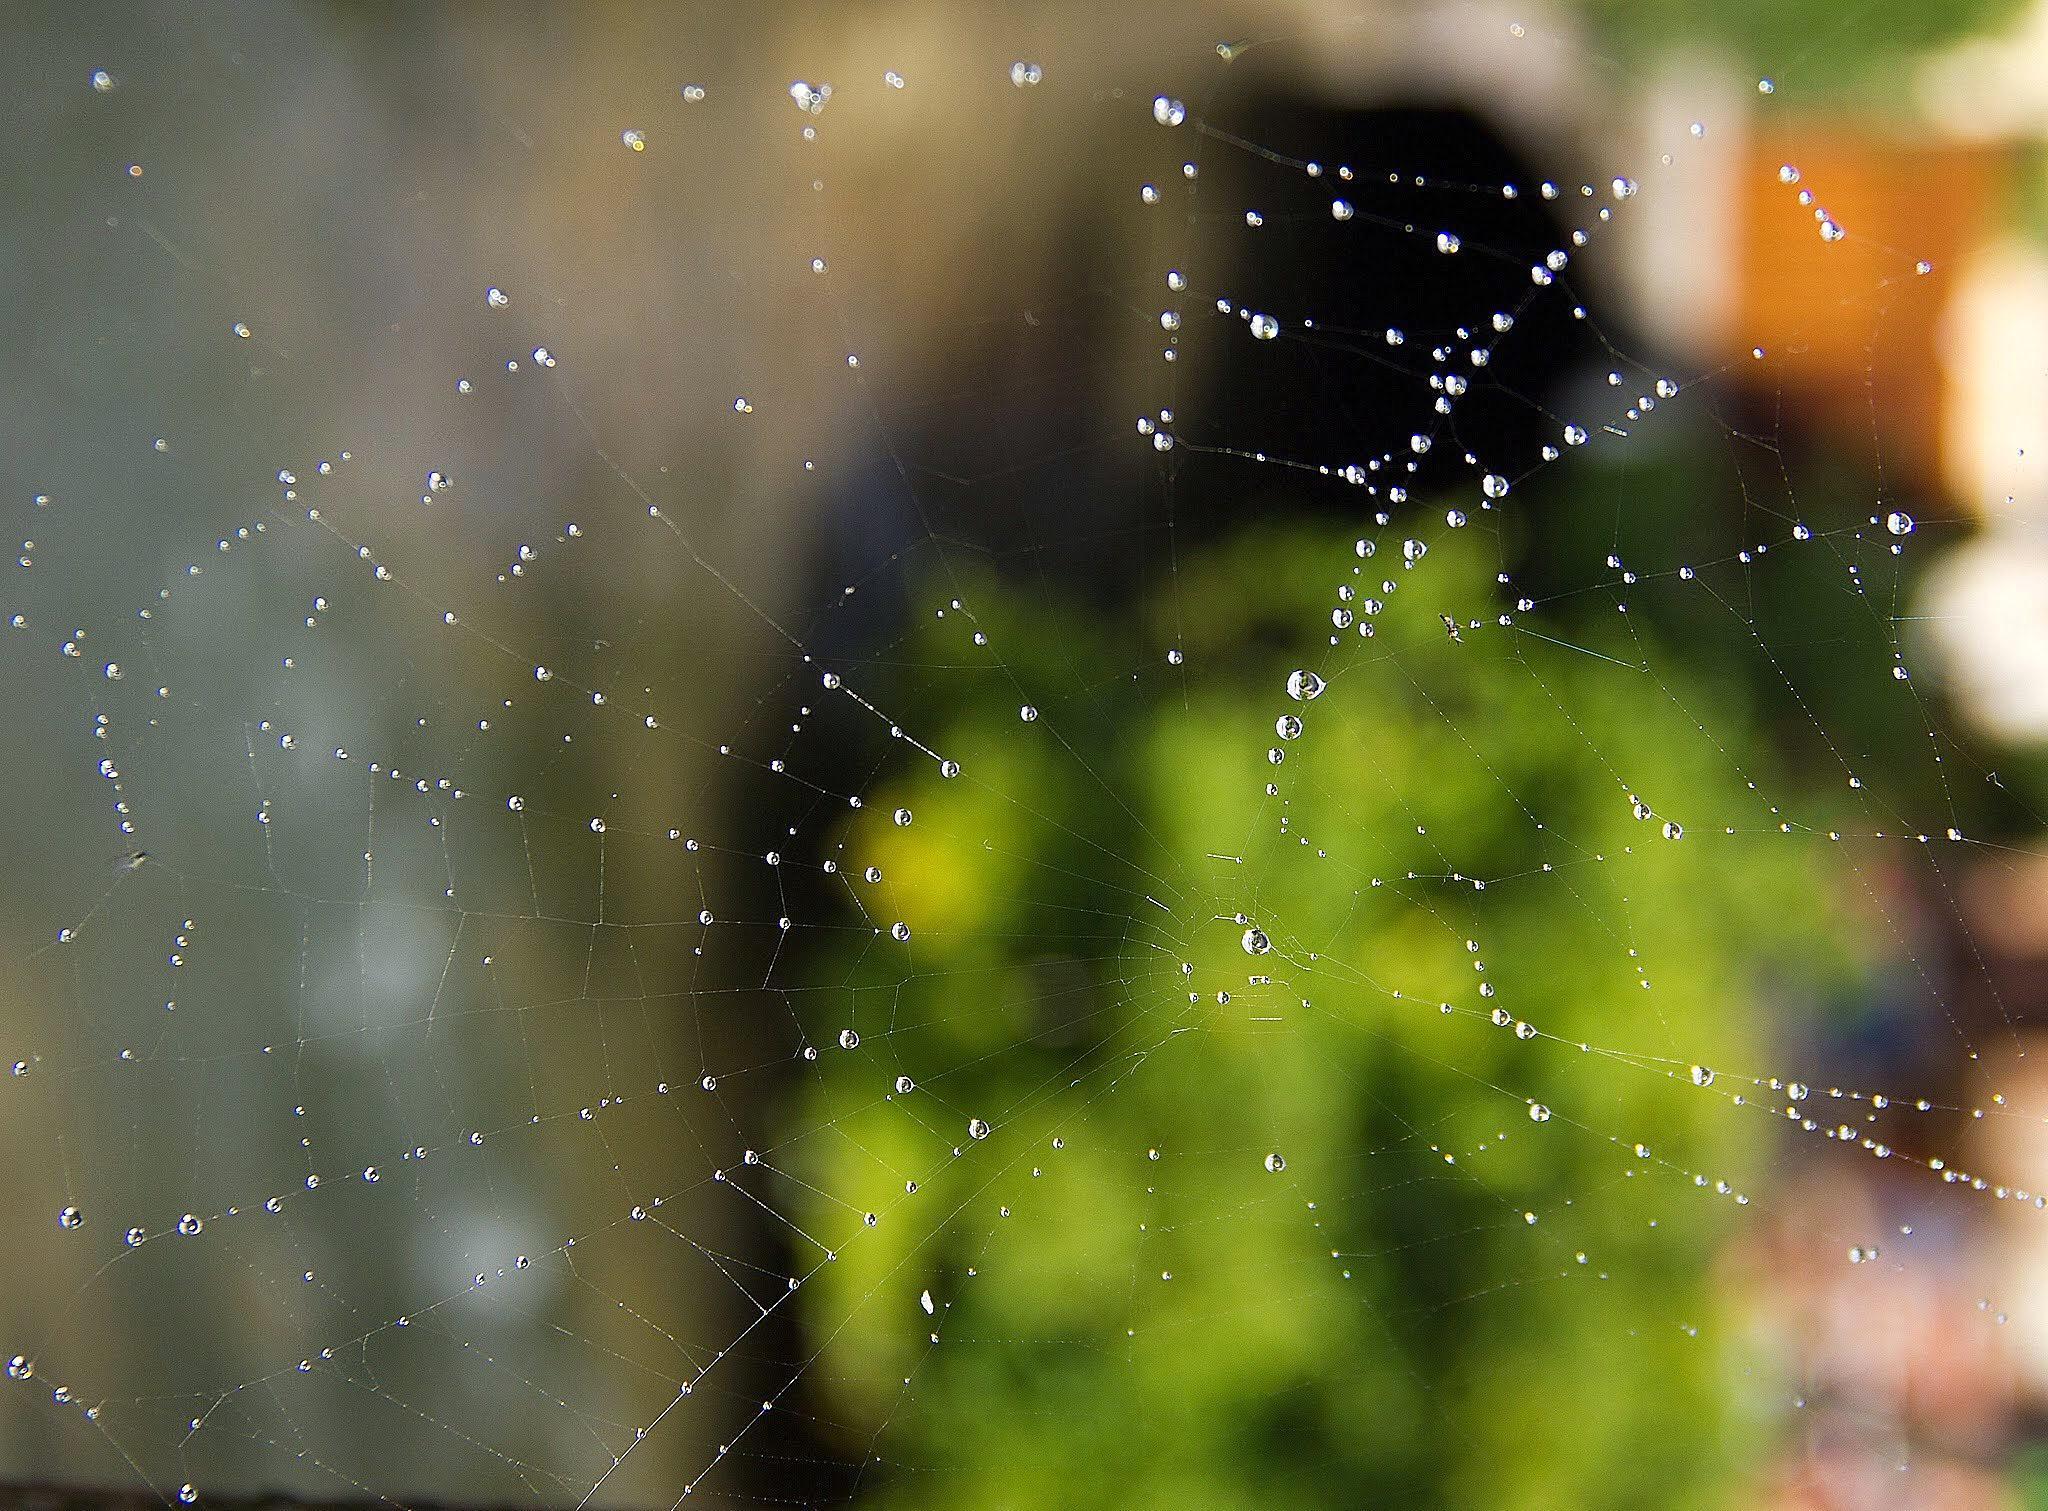 The wet web by Koshka10